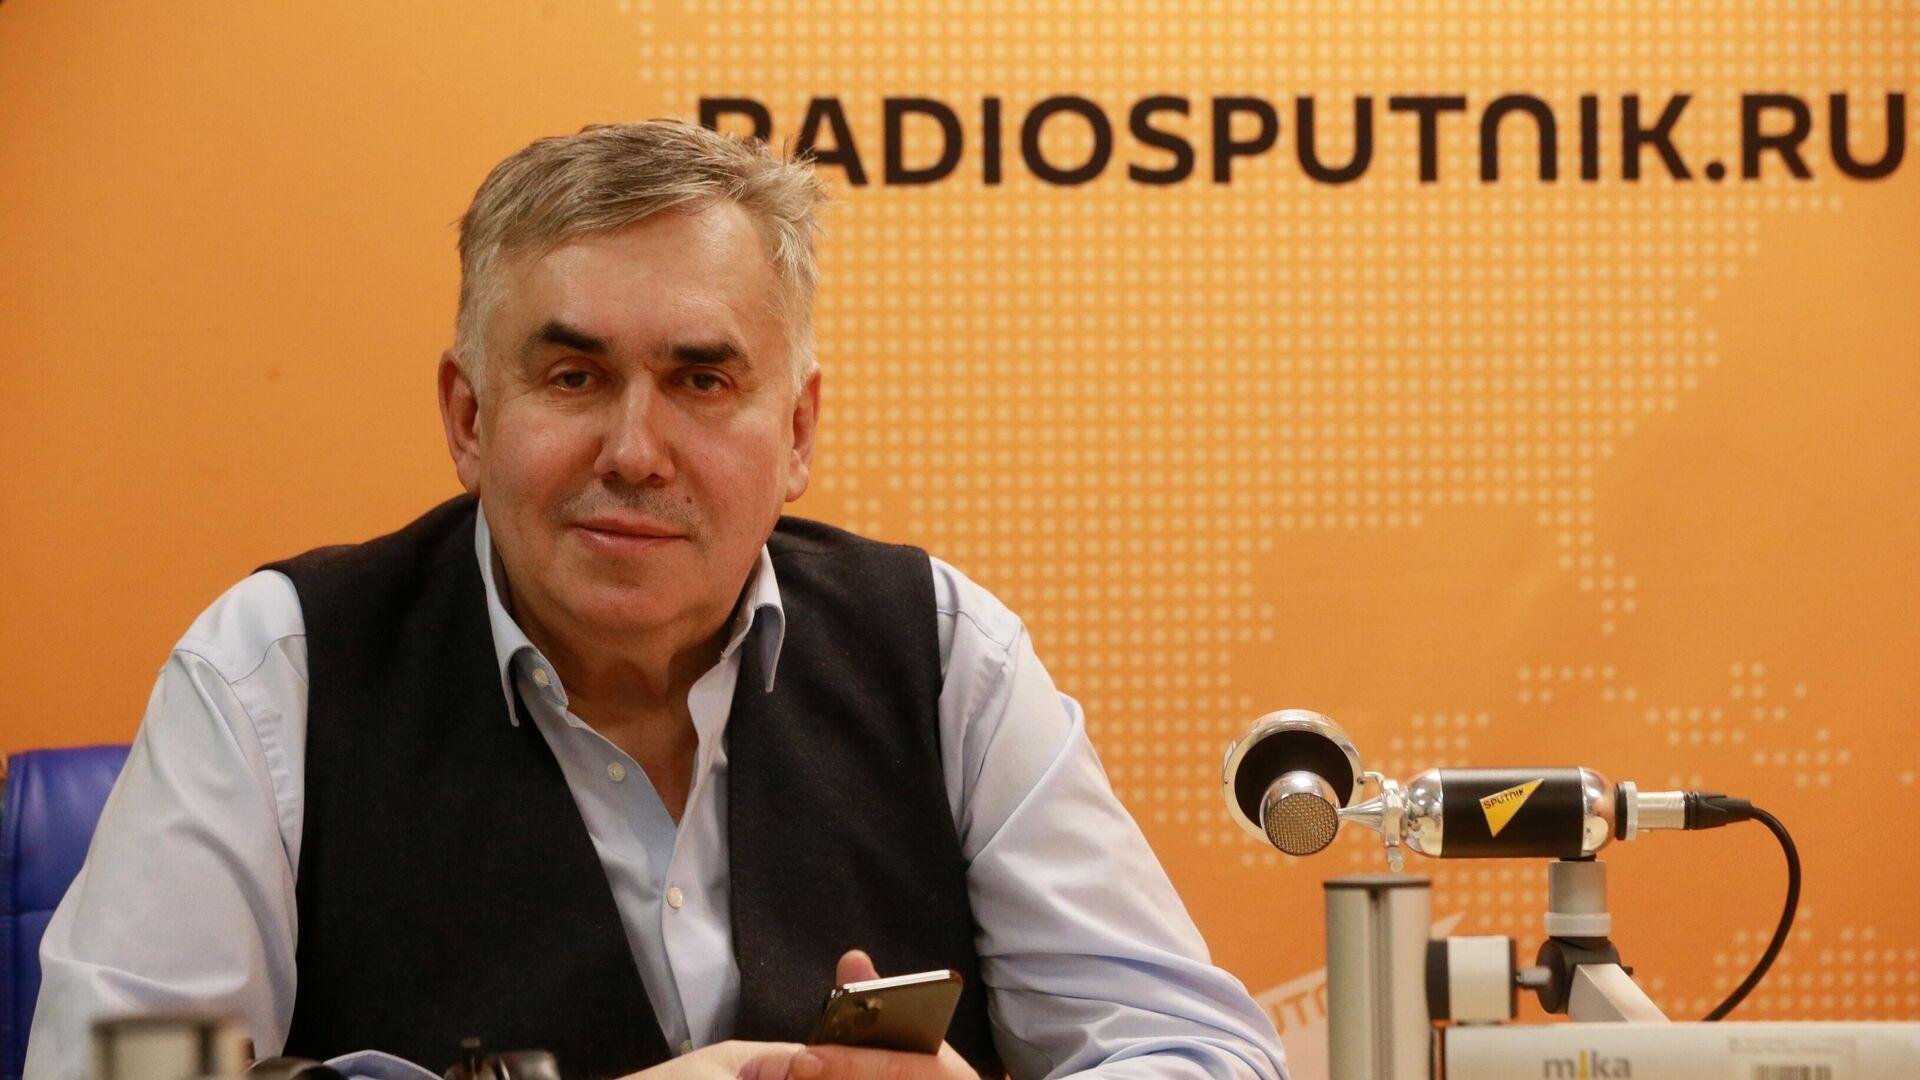 Актер Станислав Садальский во время интервью в студии радио Sputnik в Москве - РИА Новости, 1920, 12.03.2021